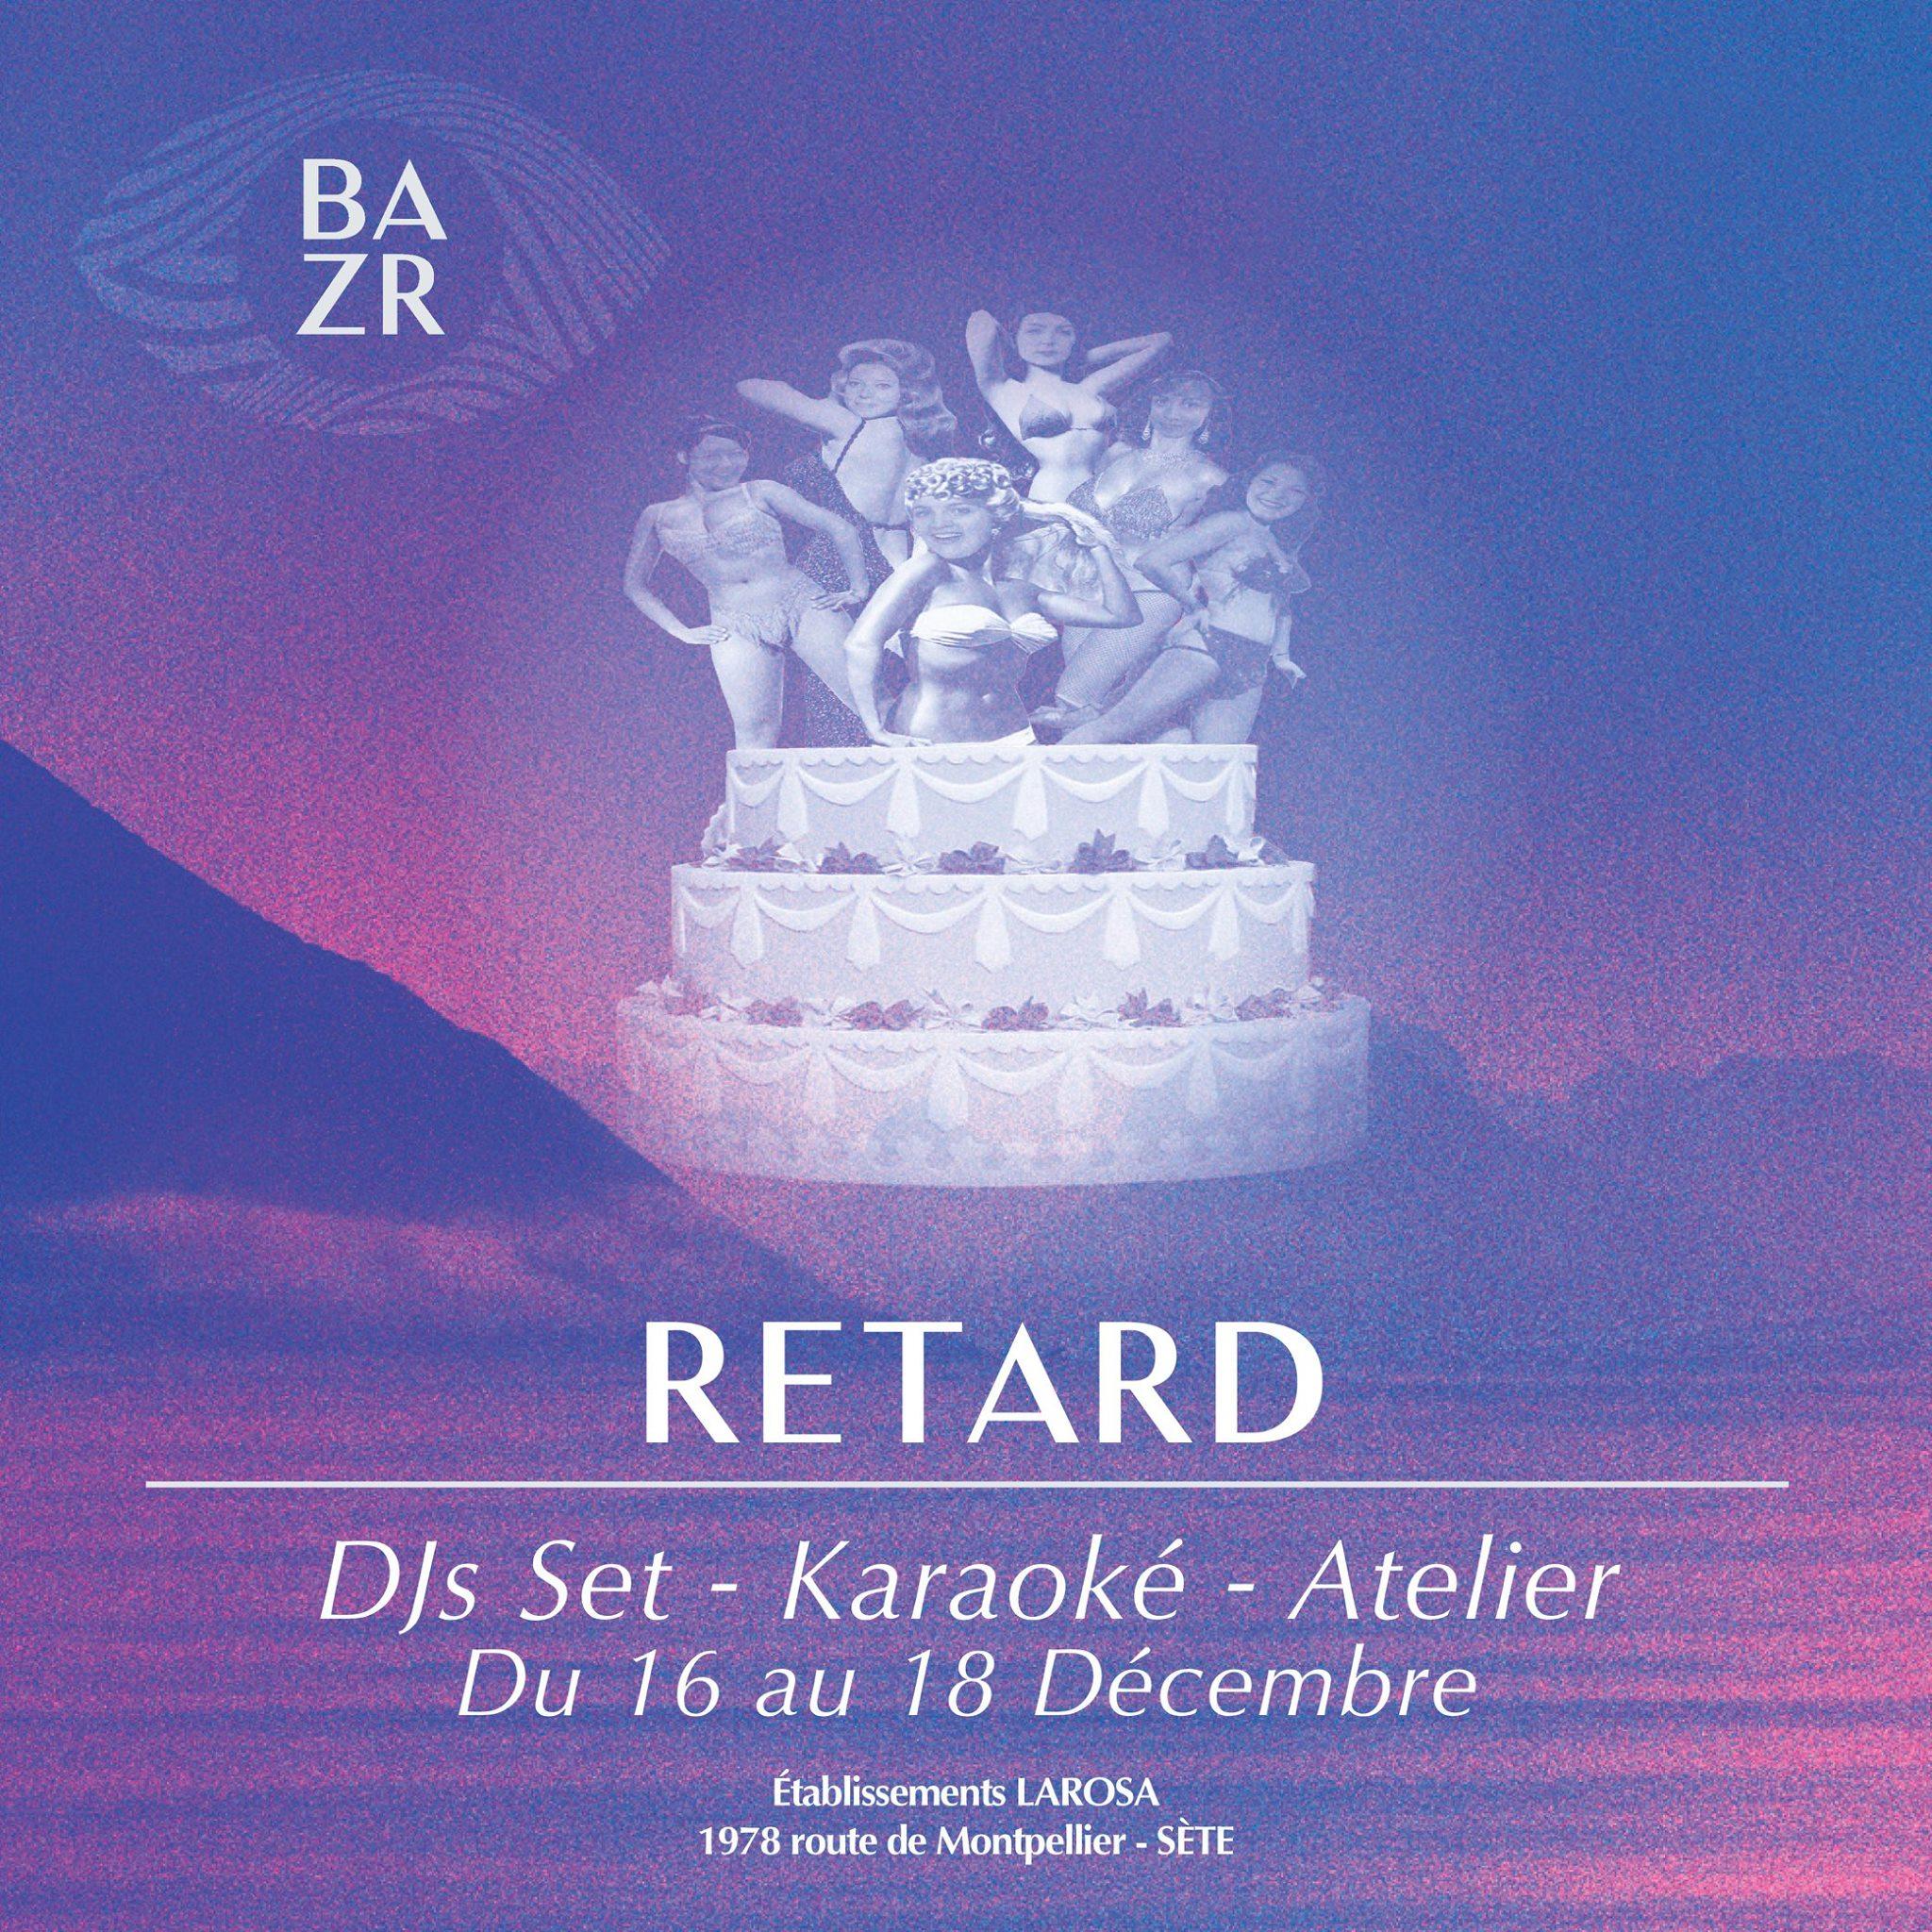 Le 16, 17 et 18 décembre, on sera au BAZR Festival !